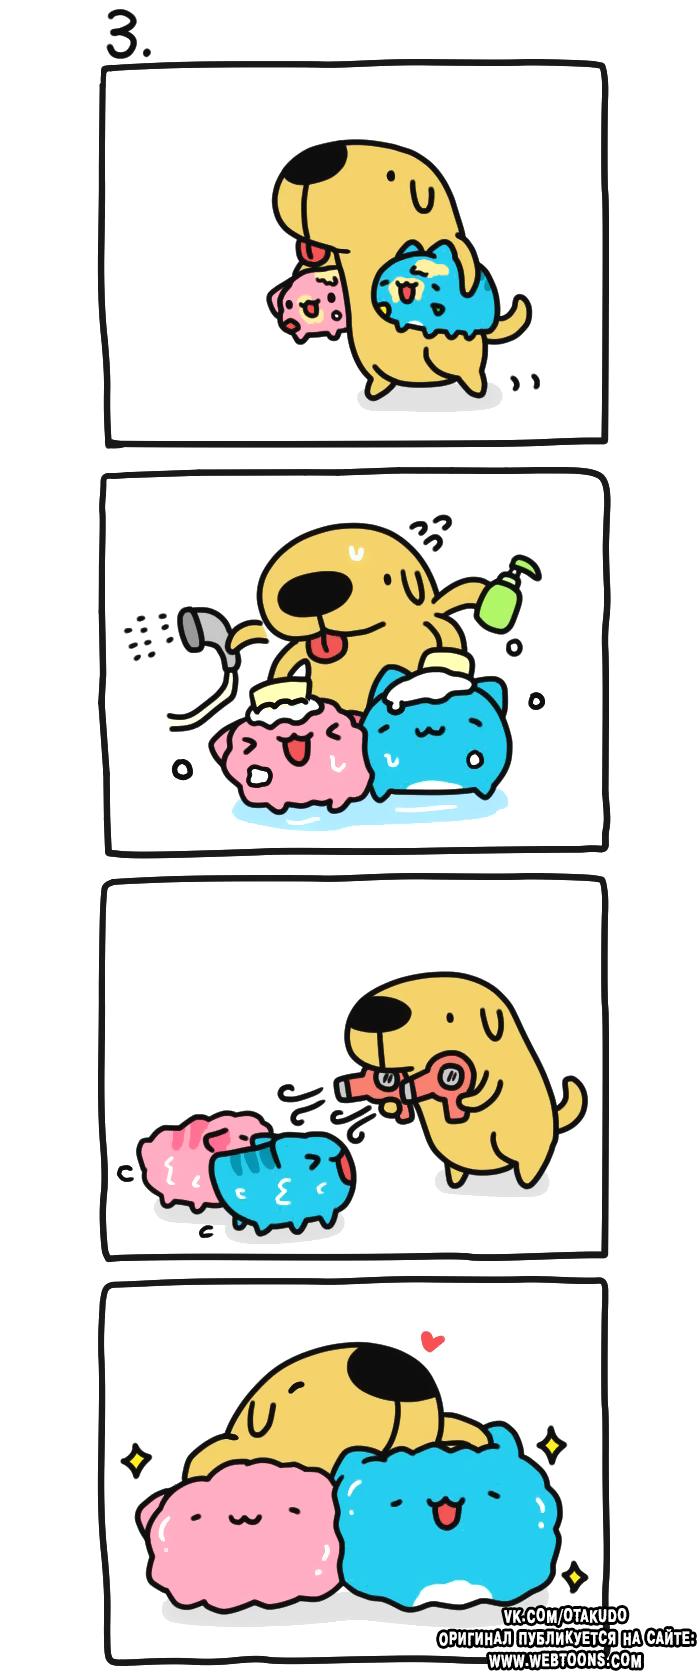 https://r1.ninemanga.com/comics/pic2/40/27944/1268208/1541436060657.png Page 3